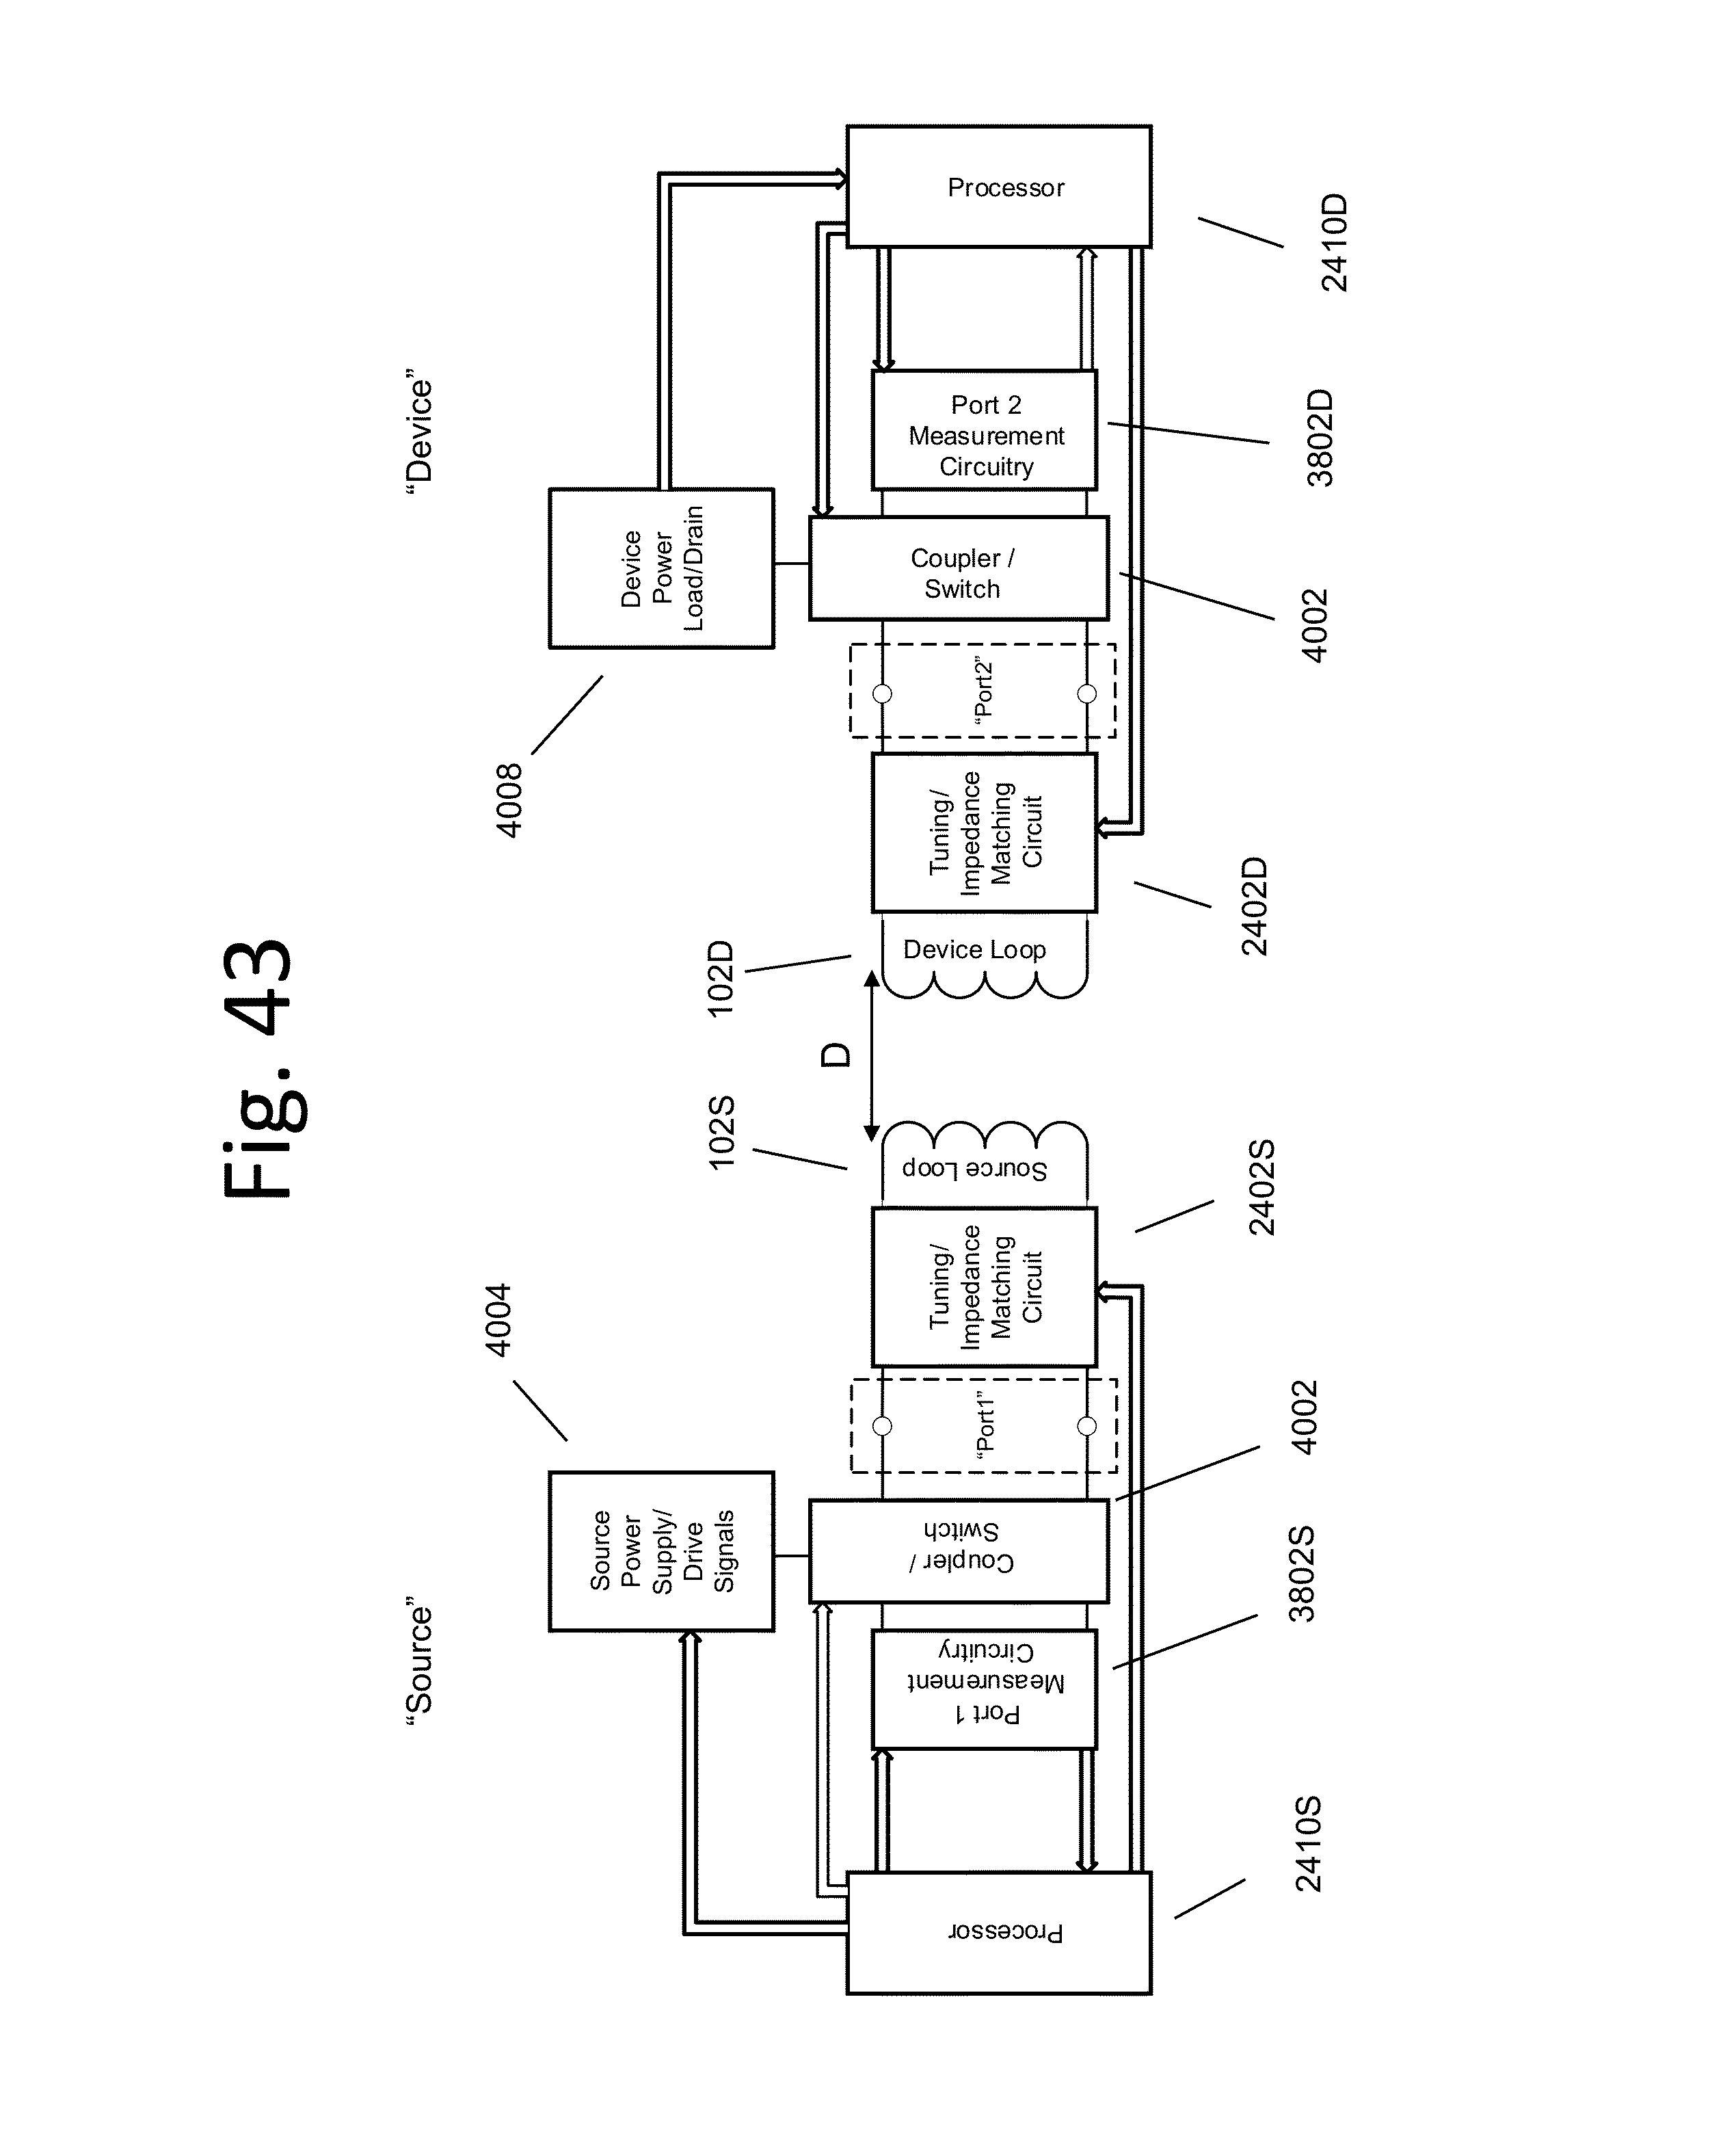 Patent Us 8487480 B1 Schematic Diagram Analog Multimeter Philips Tv Diagrams Images